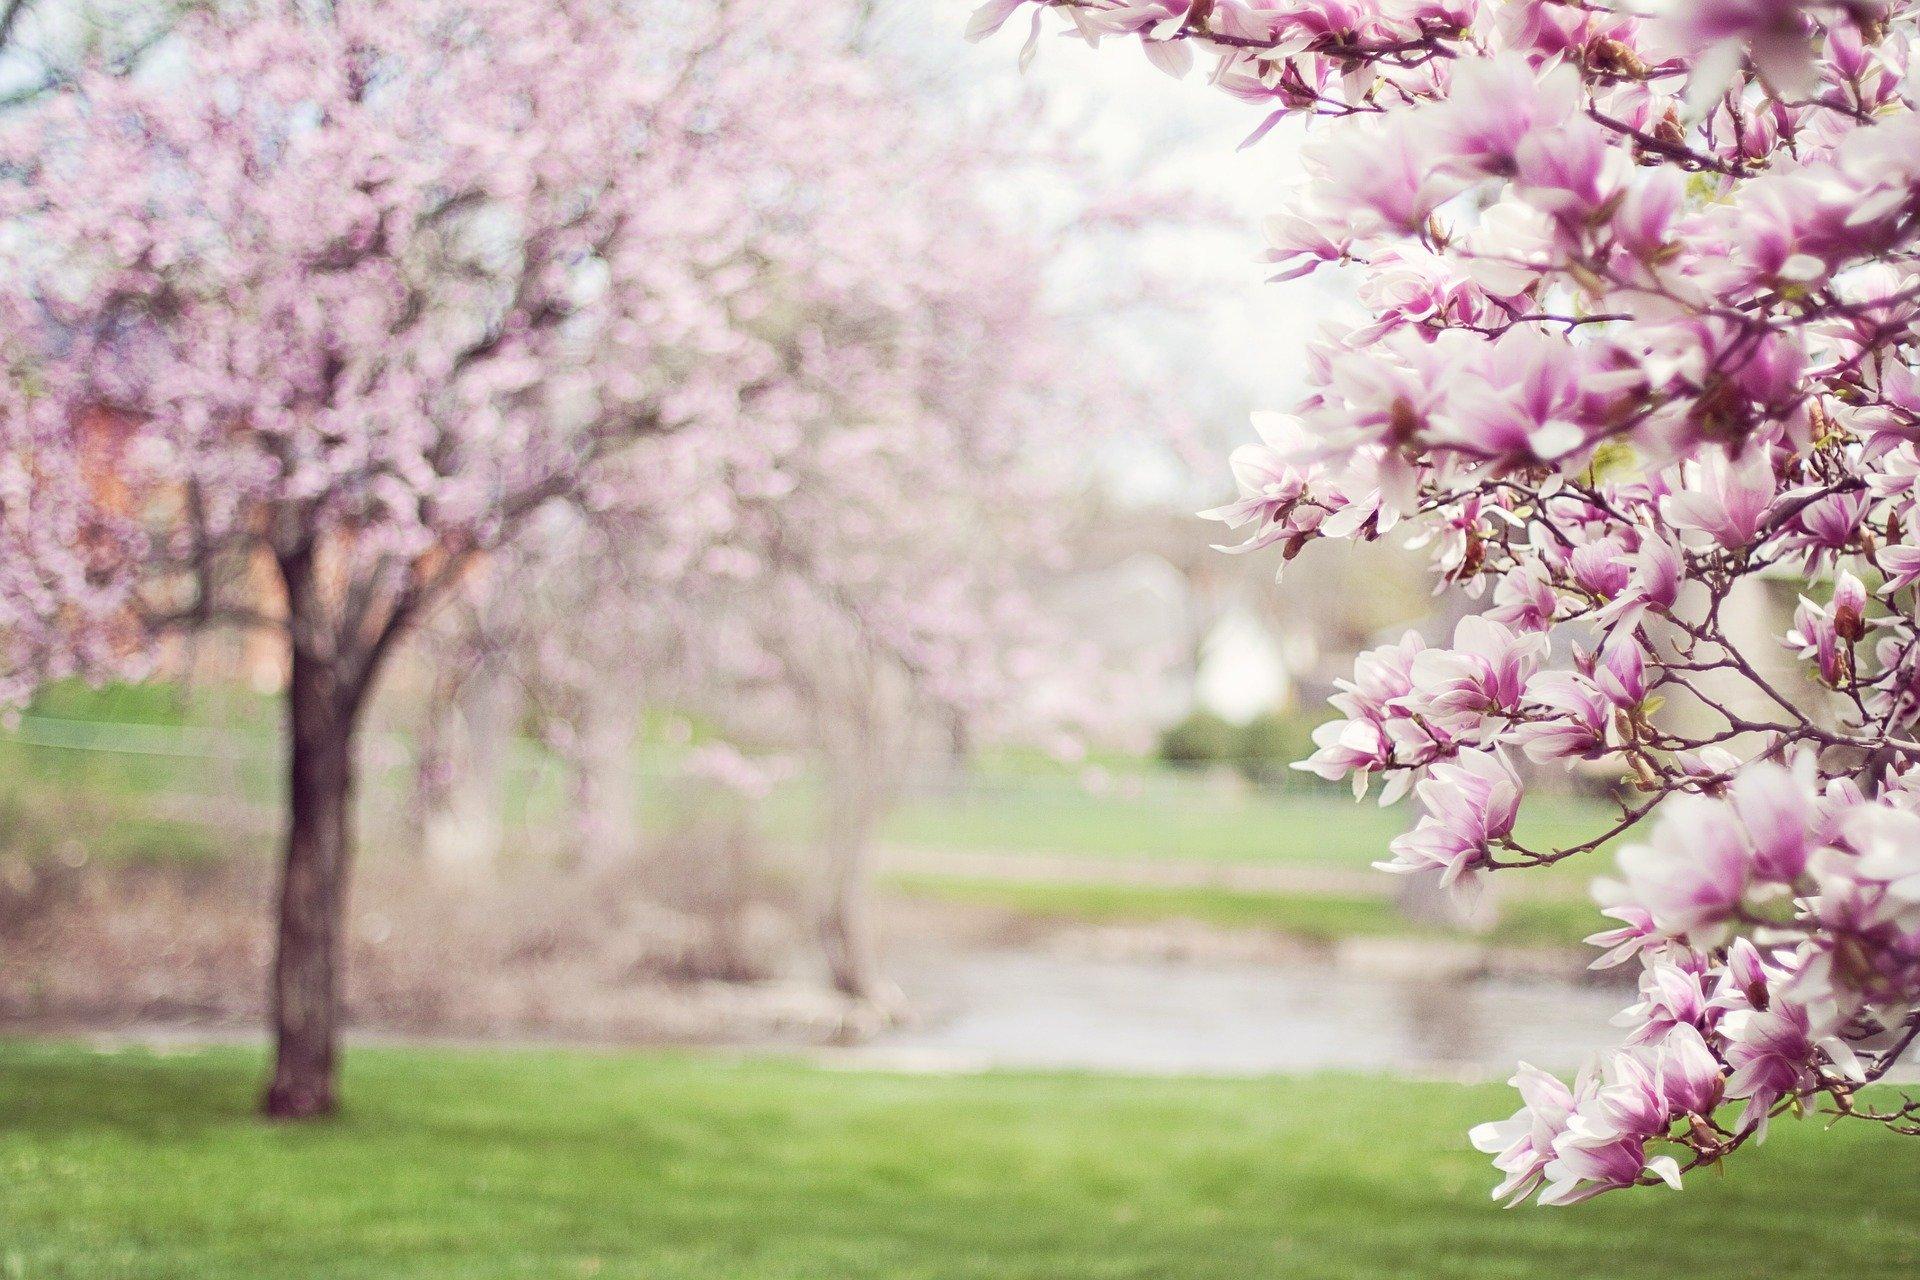 春 入学 桜 新春 新鮮